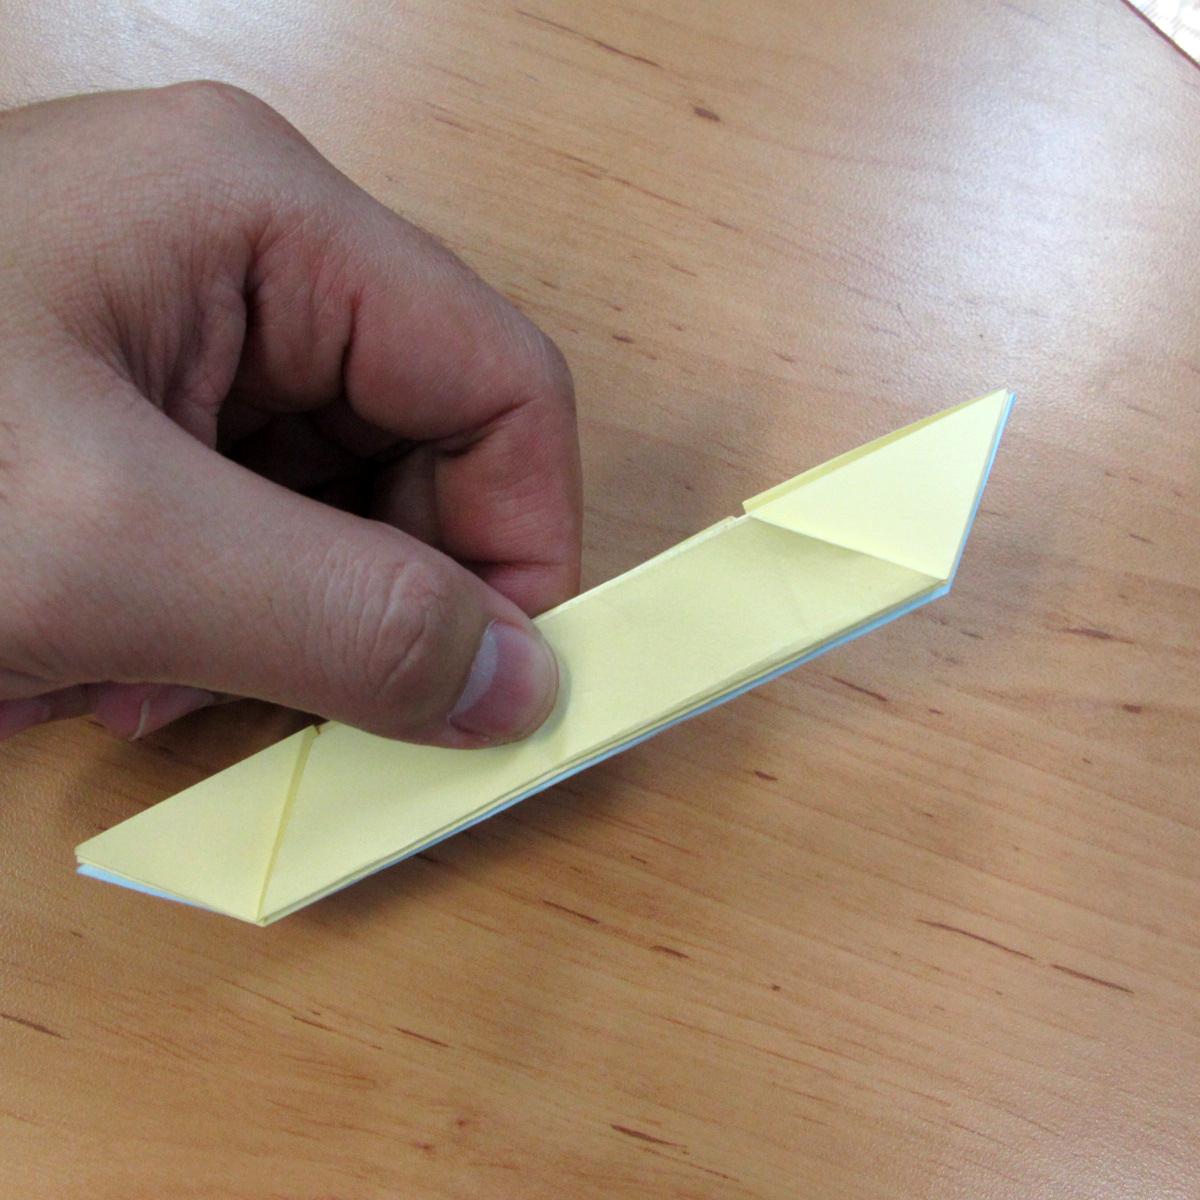 วิธีการพับกระดาษเป็นดอกบัวแบบแยกประกอบส่วน 015